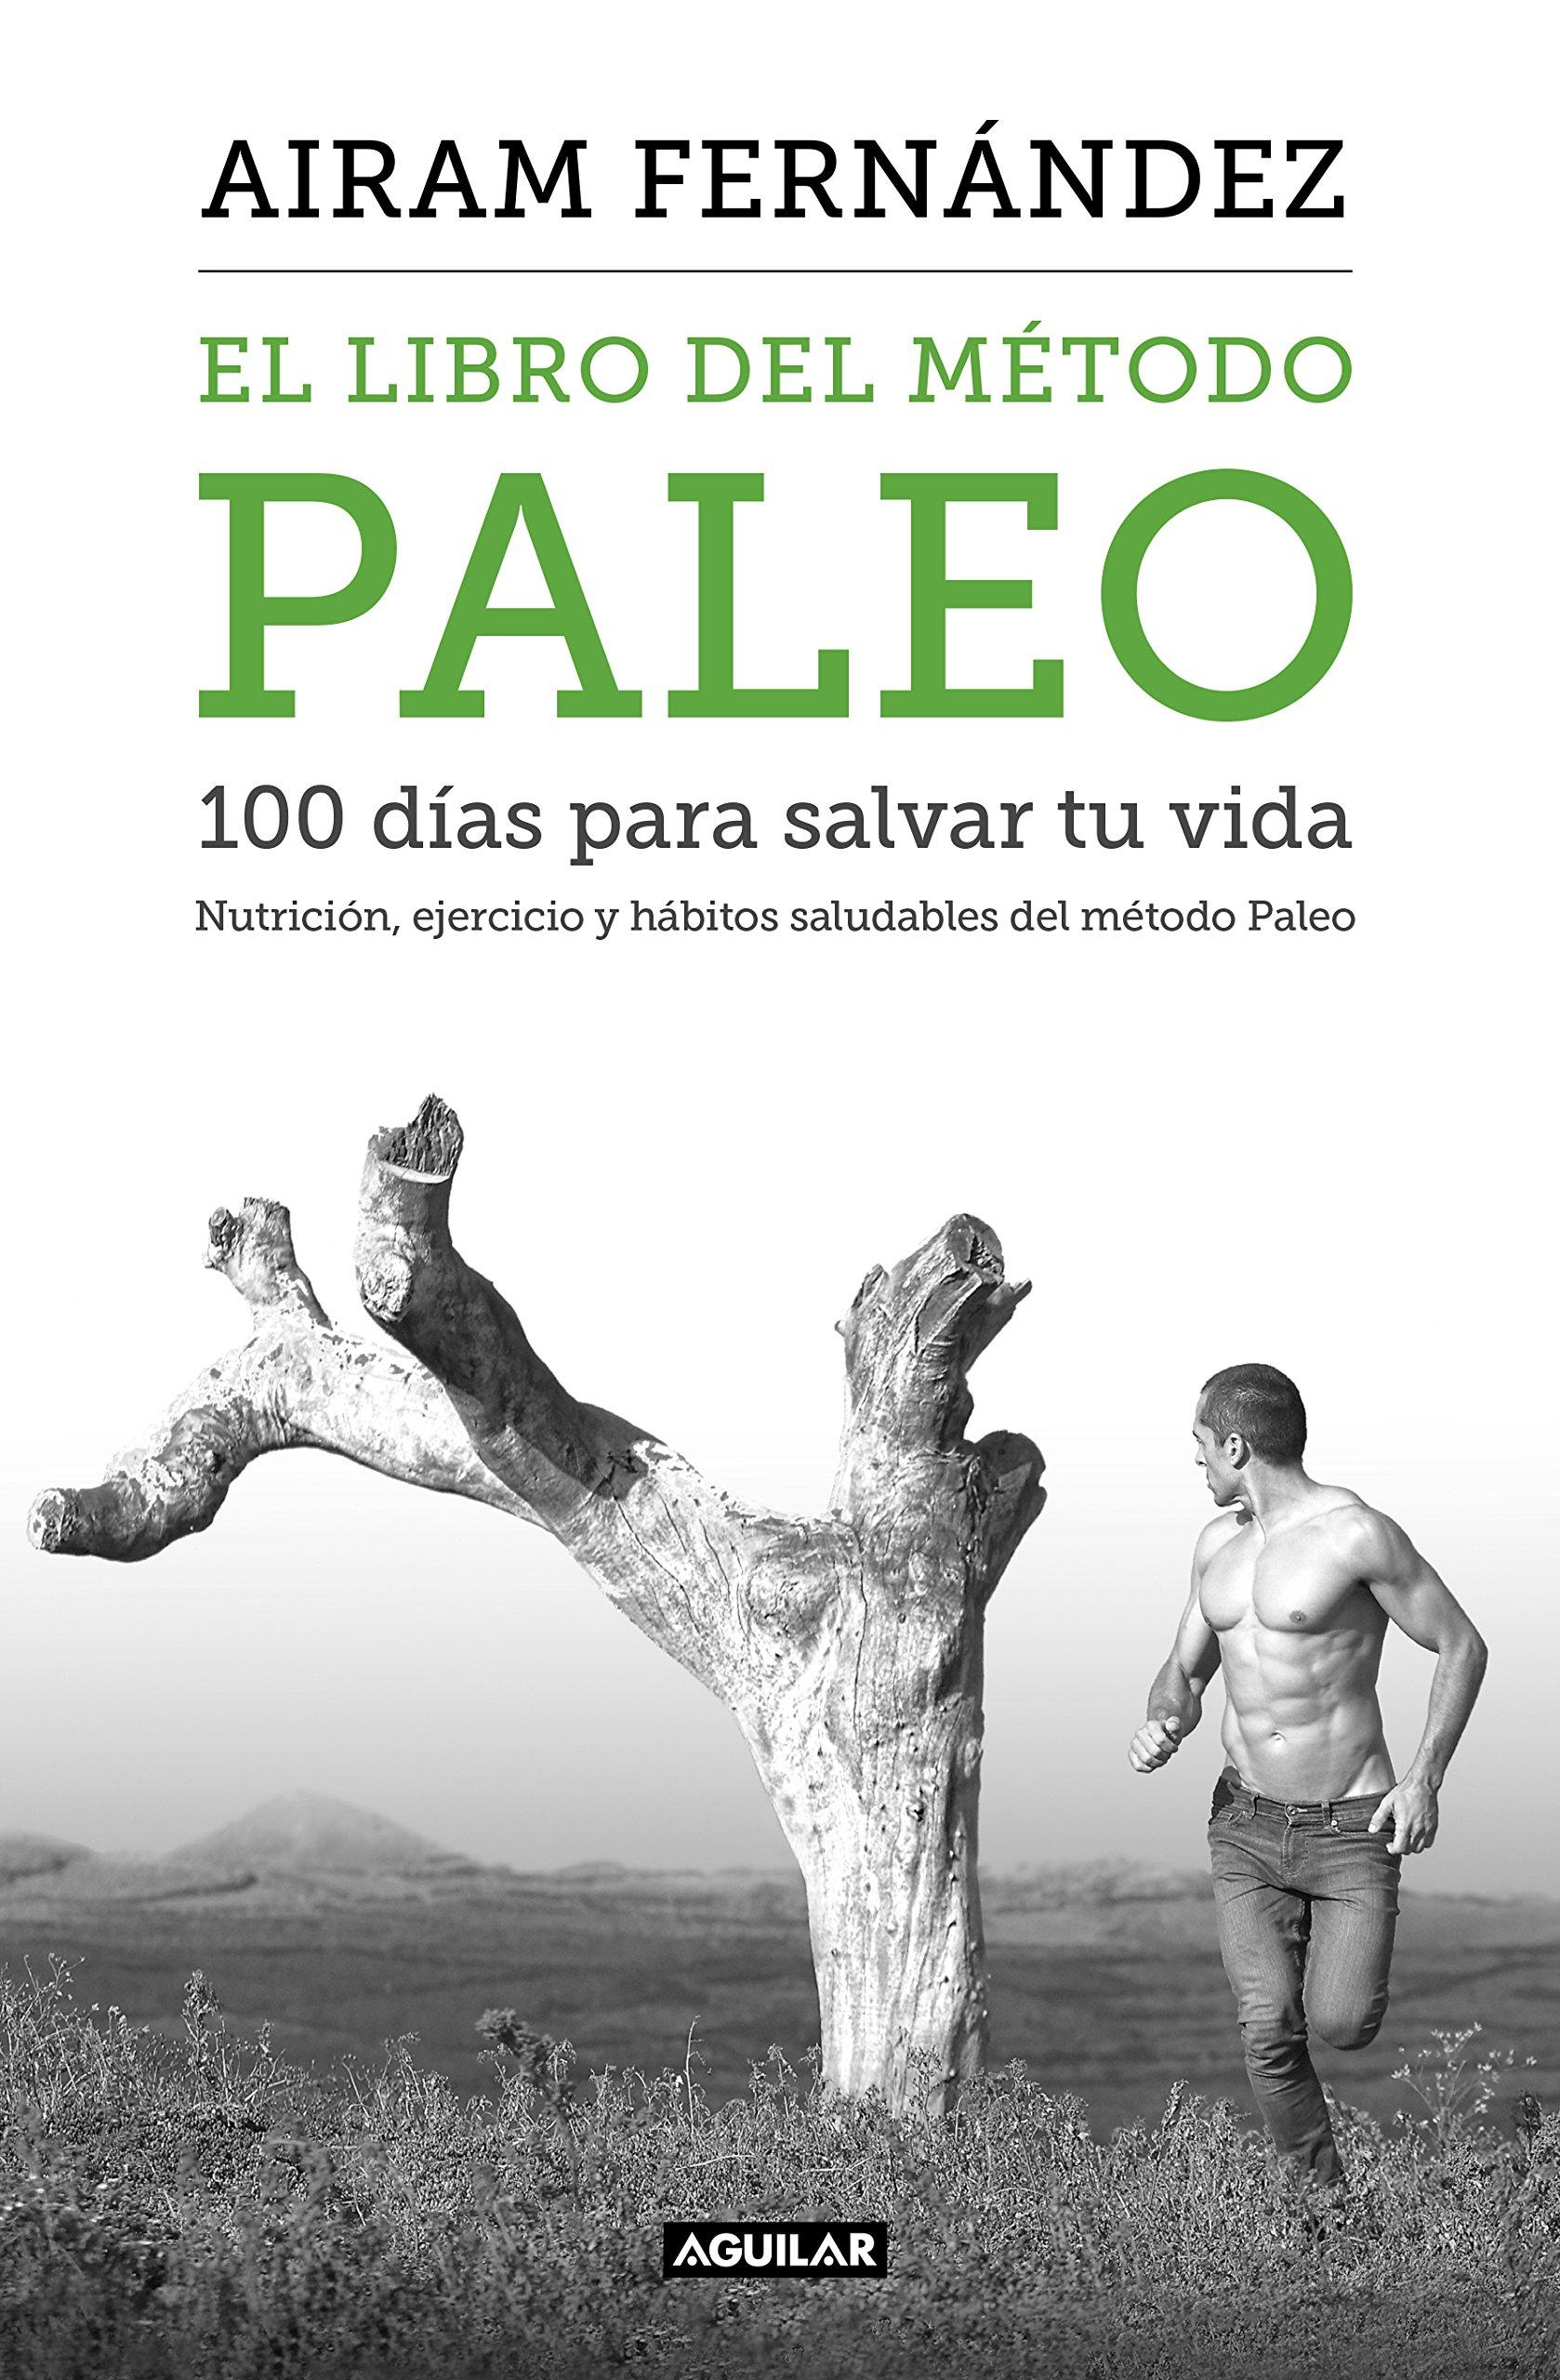 El libro del método Paleo: 100 días para salvar tu vida: Nutrición, ejercicio y hábitos saludables del Método Paleo Cuerpo y mente: Amazon.es: Fernández, Airam: Libros